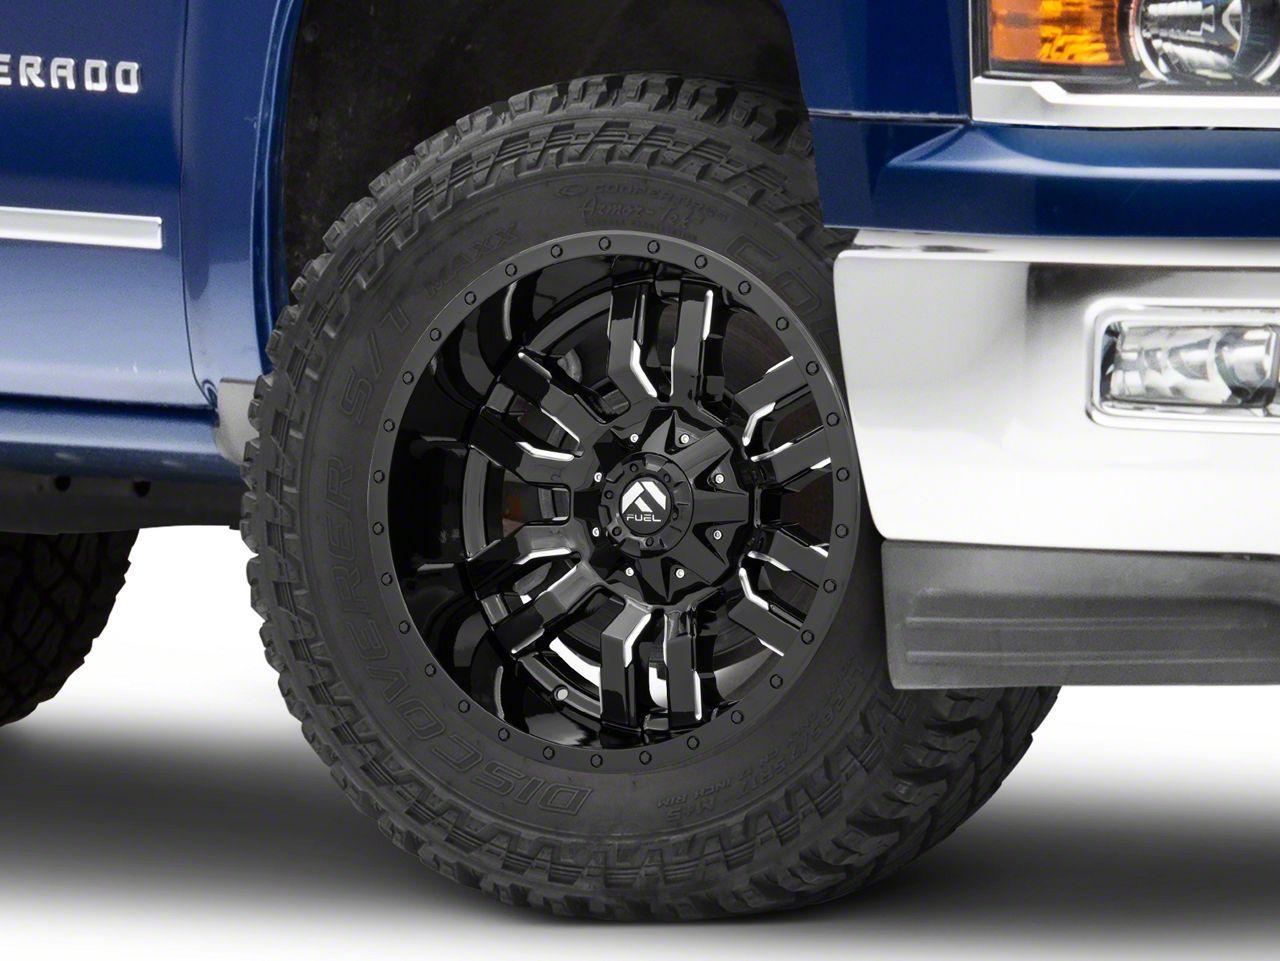 Fuel Wheels Sledge Gloss Black Milled 6-Lug Wheel - 20x10 (99-18 Silverado 1500)